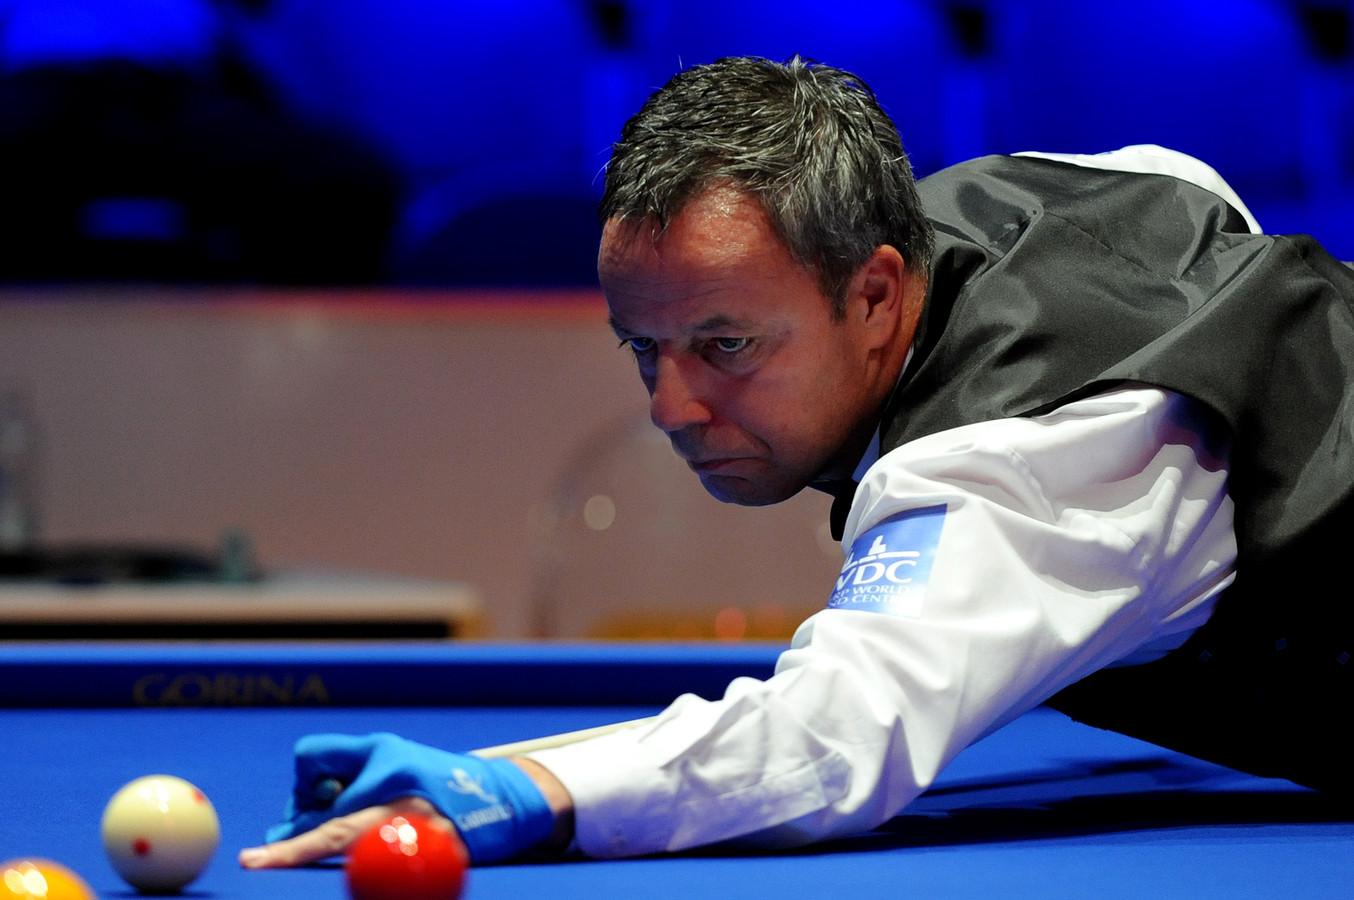 Dick Jaspers kwam in Seoul teveel obstakels tegen, hij werd uitgeschakeld in de LG Cup.